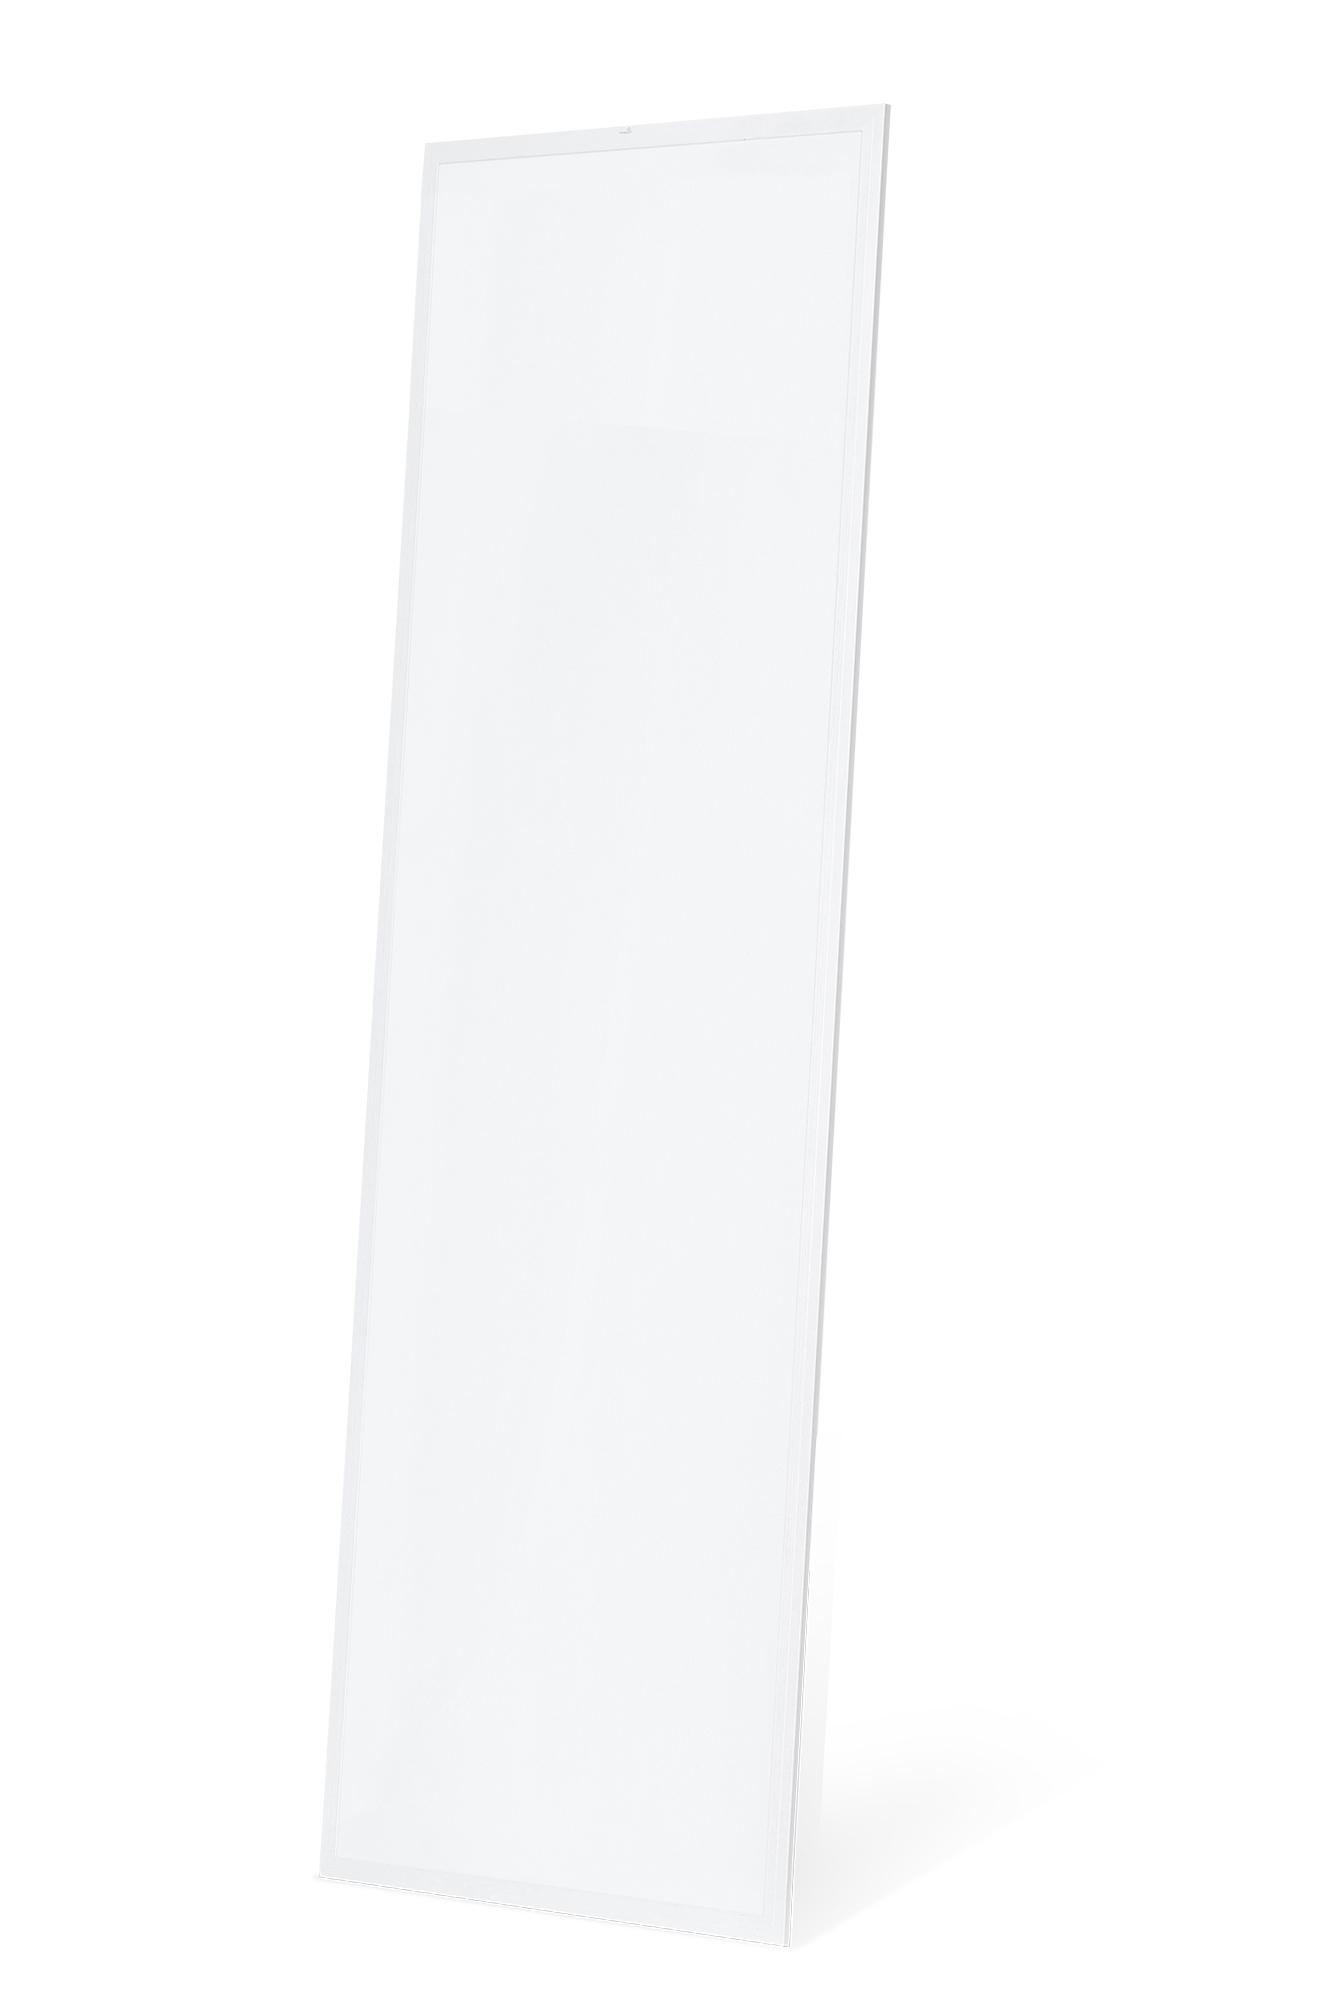 Đèn panel siêu mỏng 48w 30x120cm